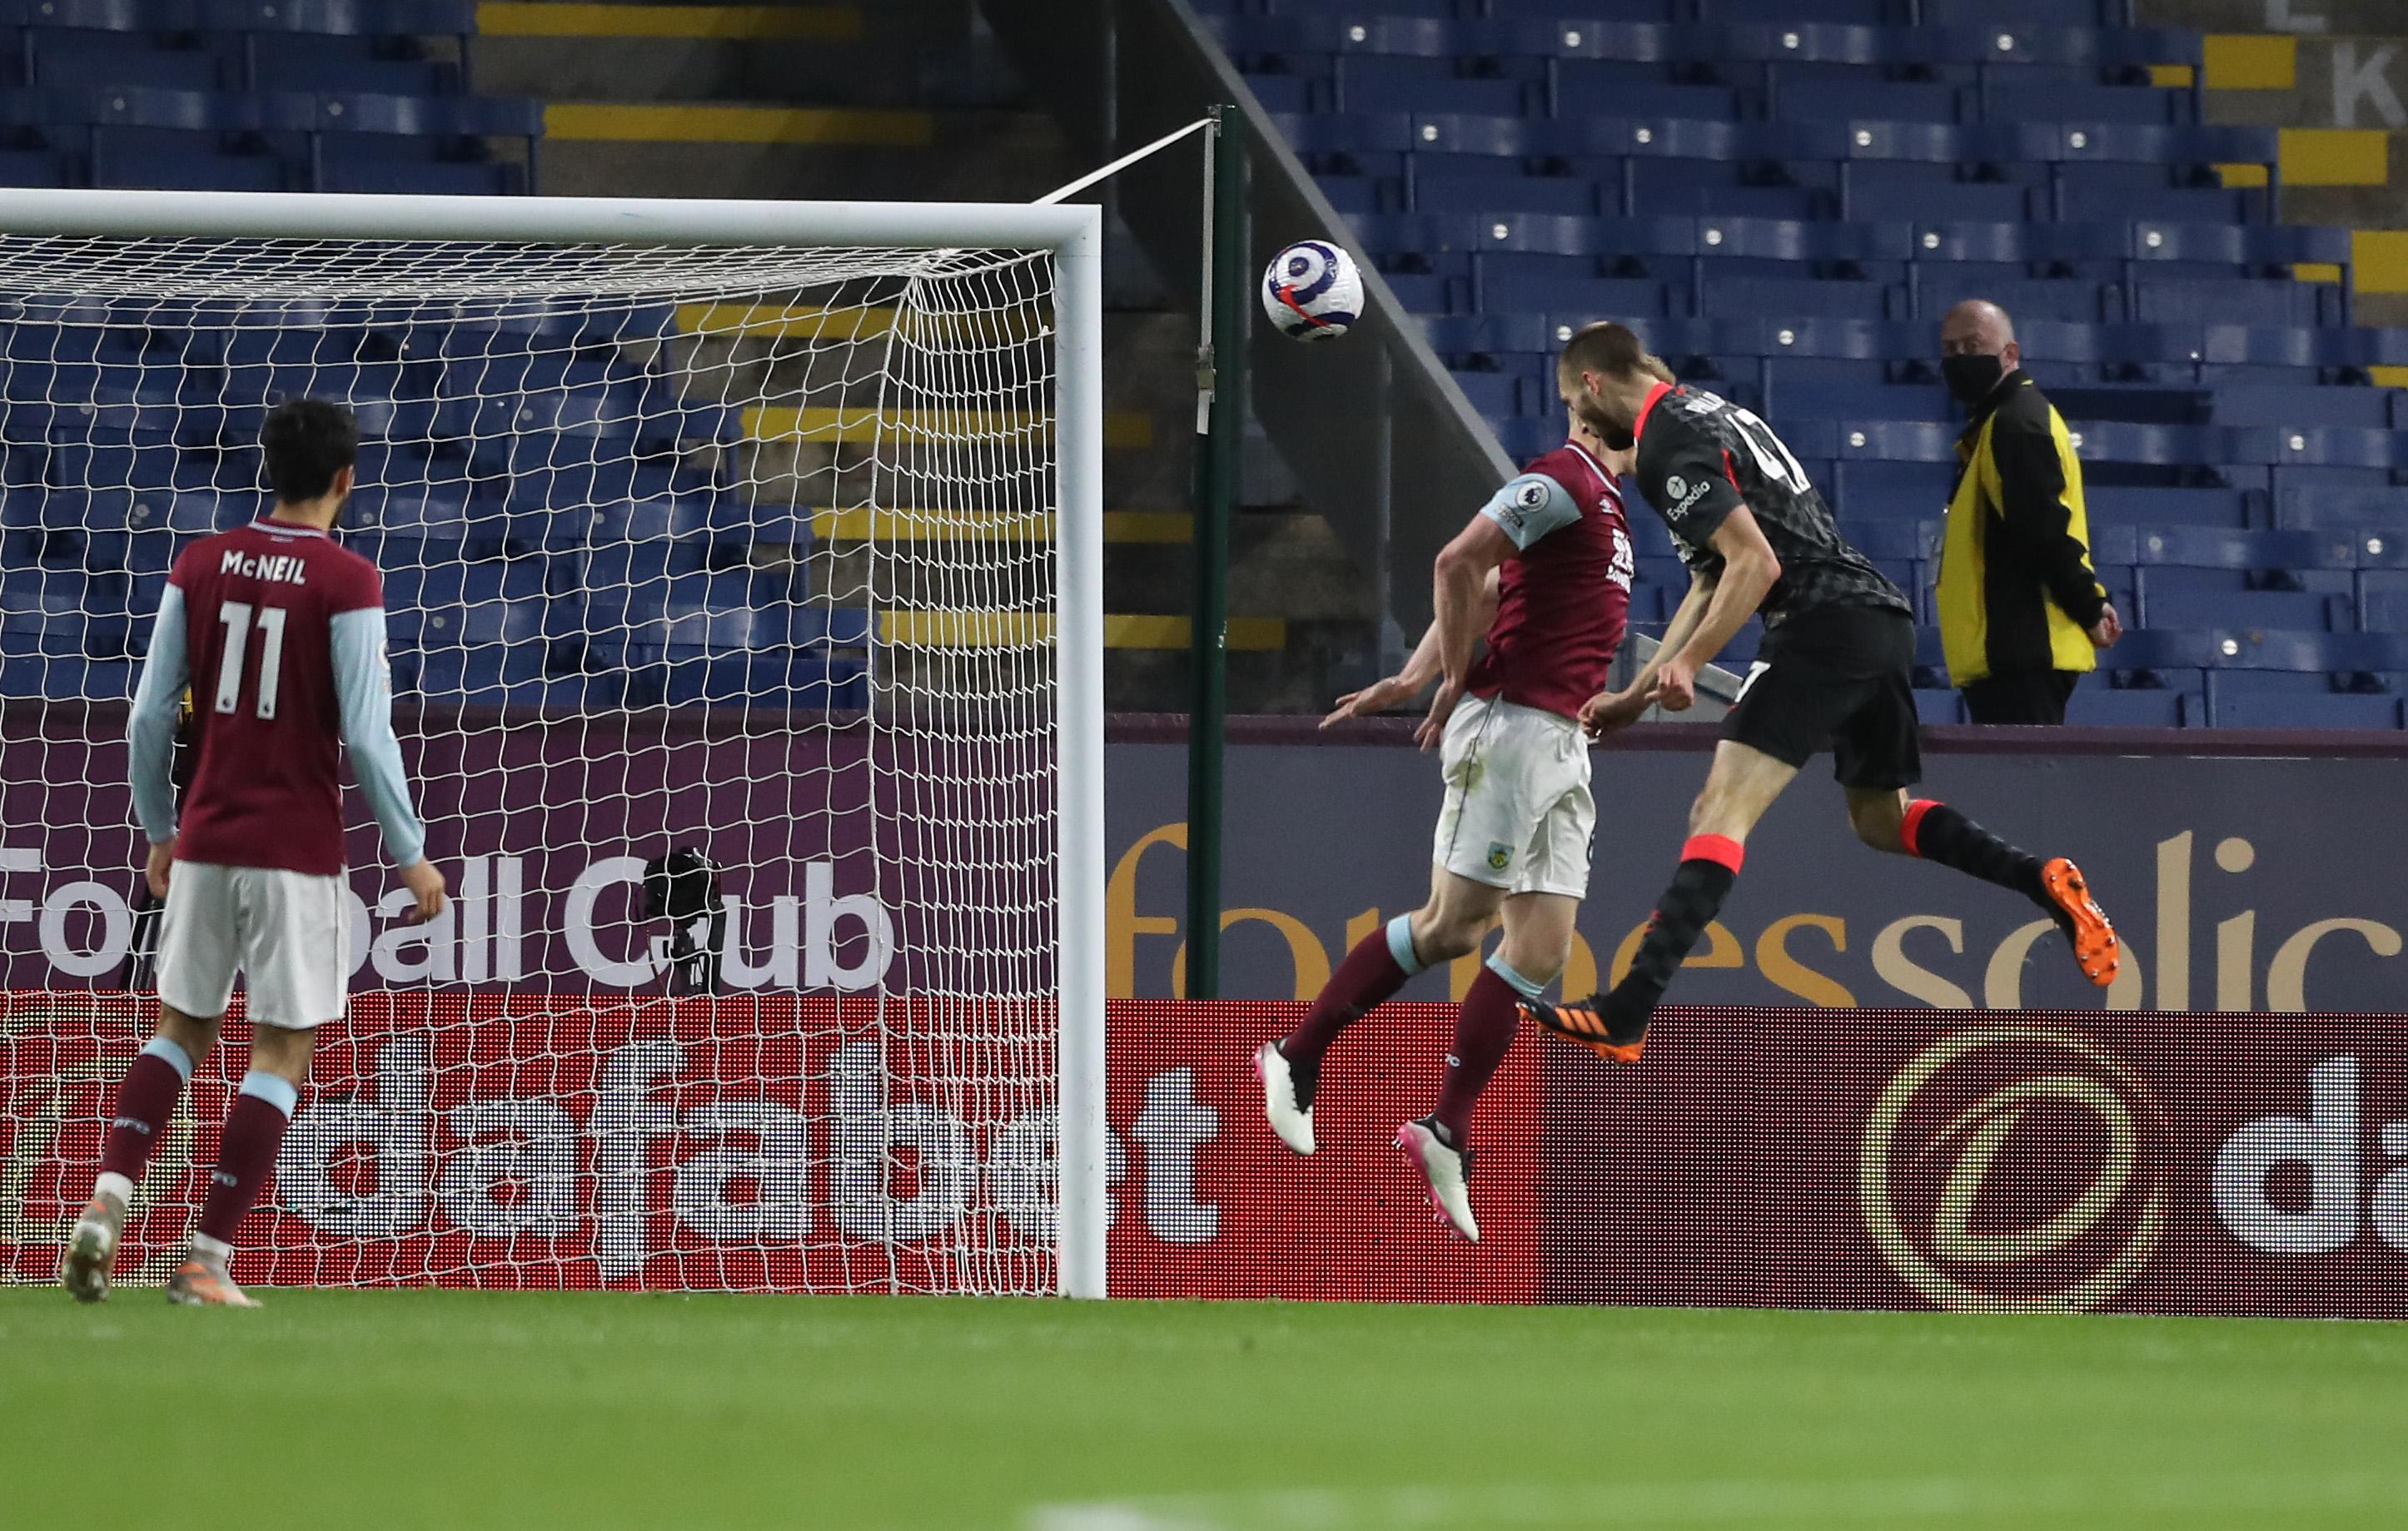 Nathaniel Phillips scores - Liverpool - Premier League